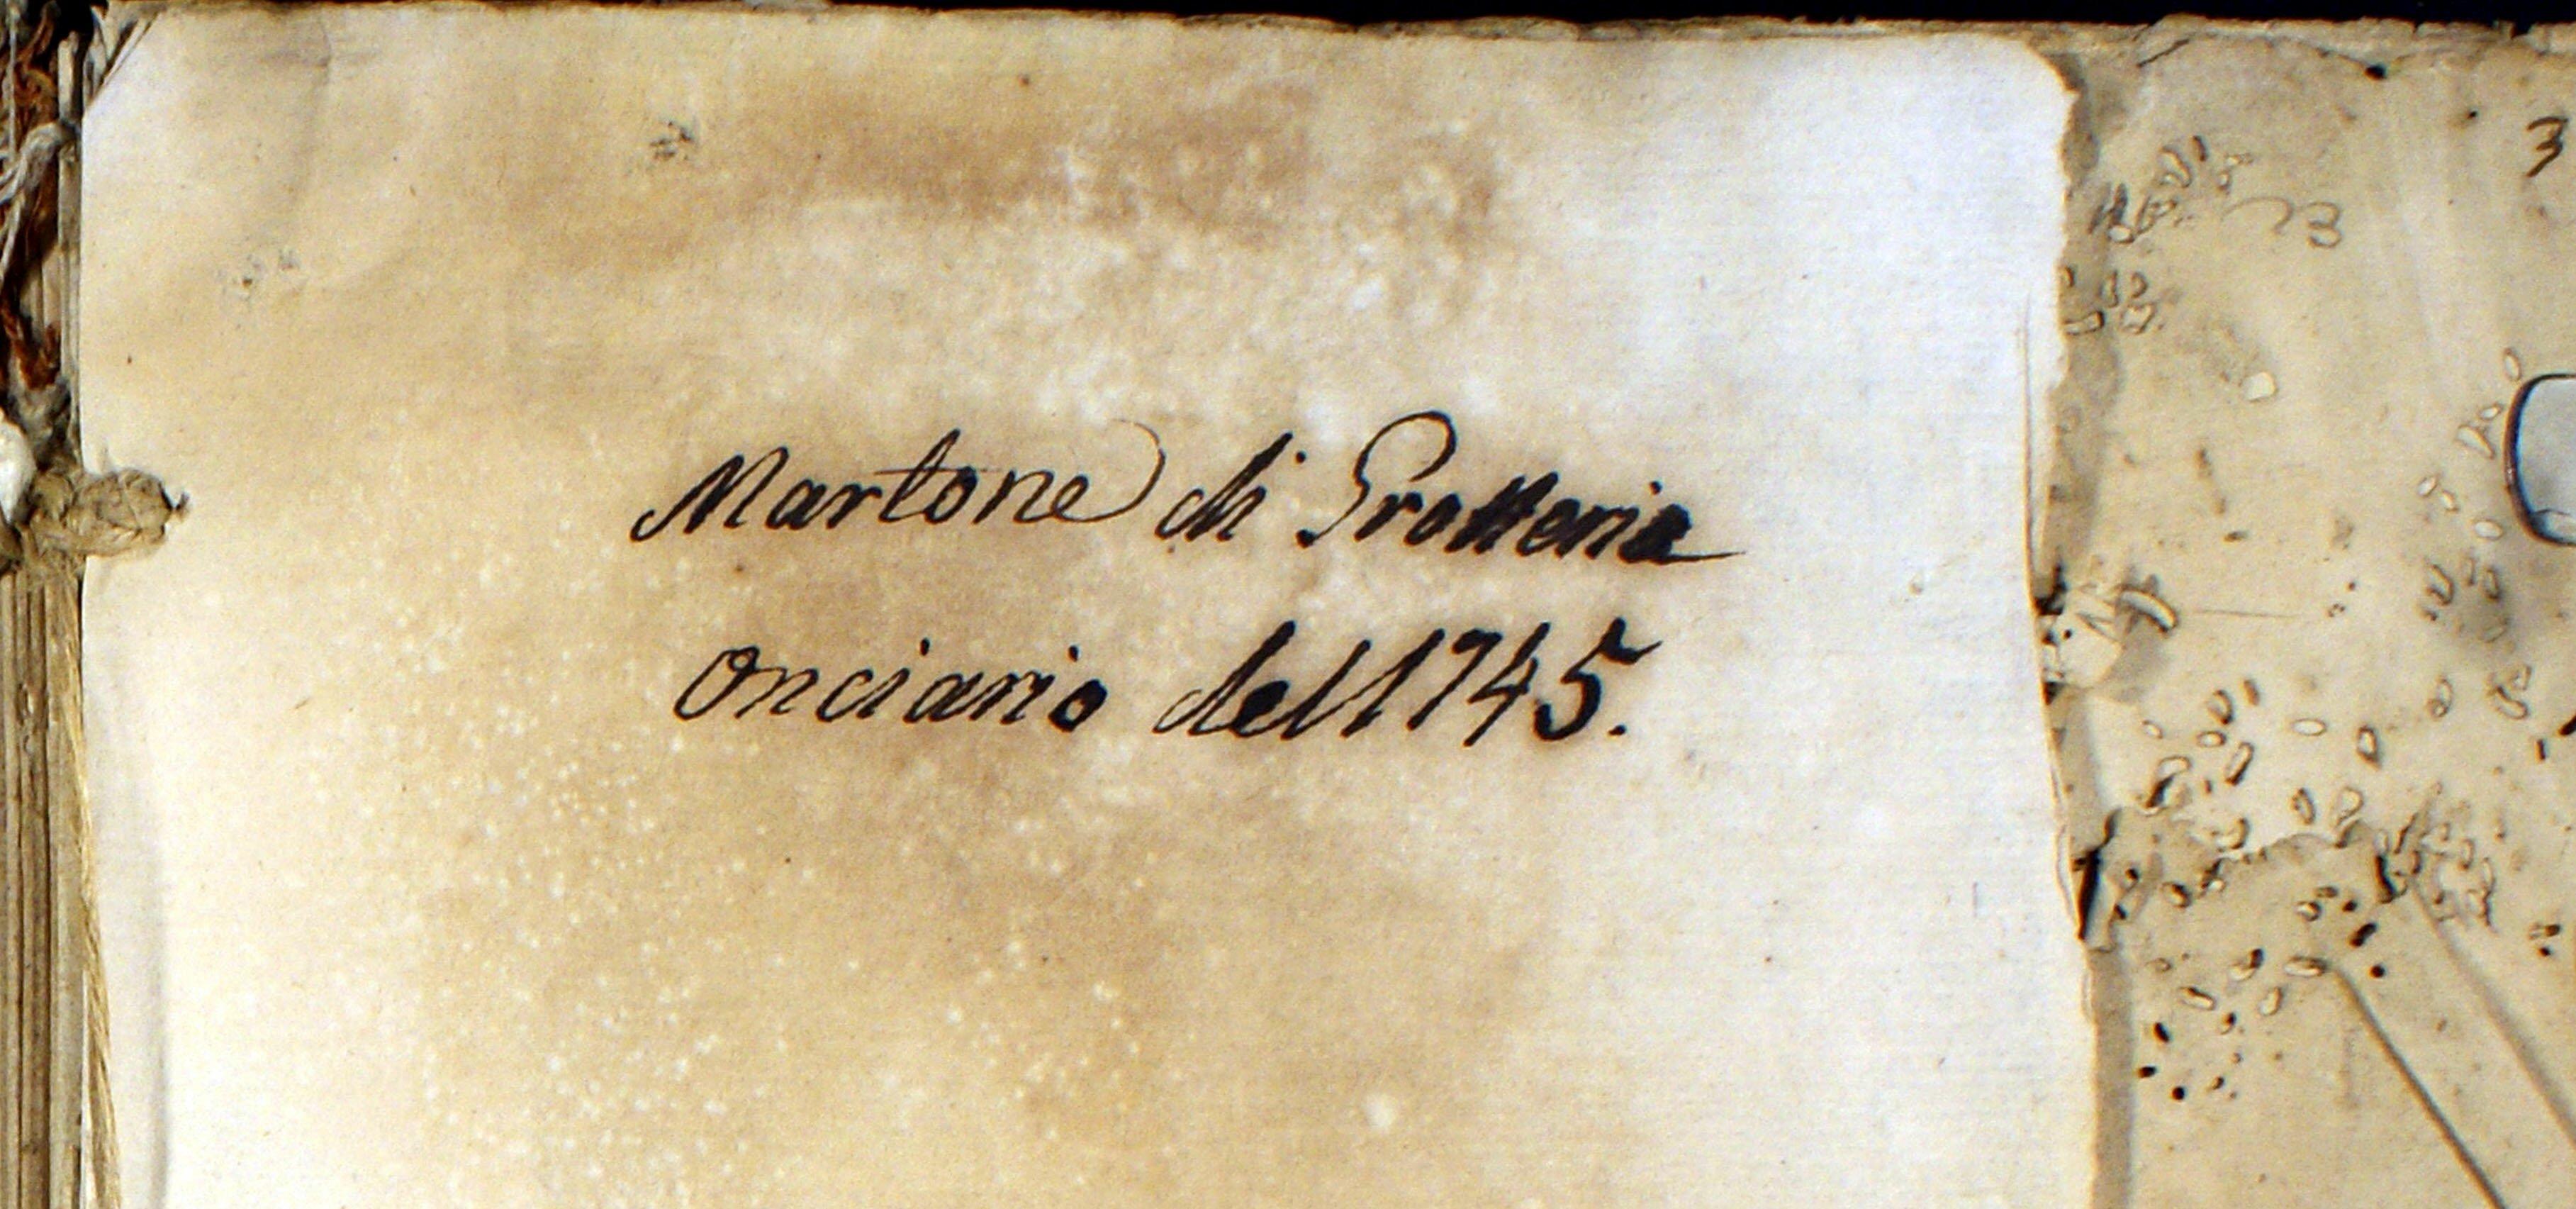 Martone di Grotteria Onciario del 1745